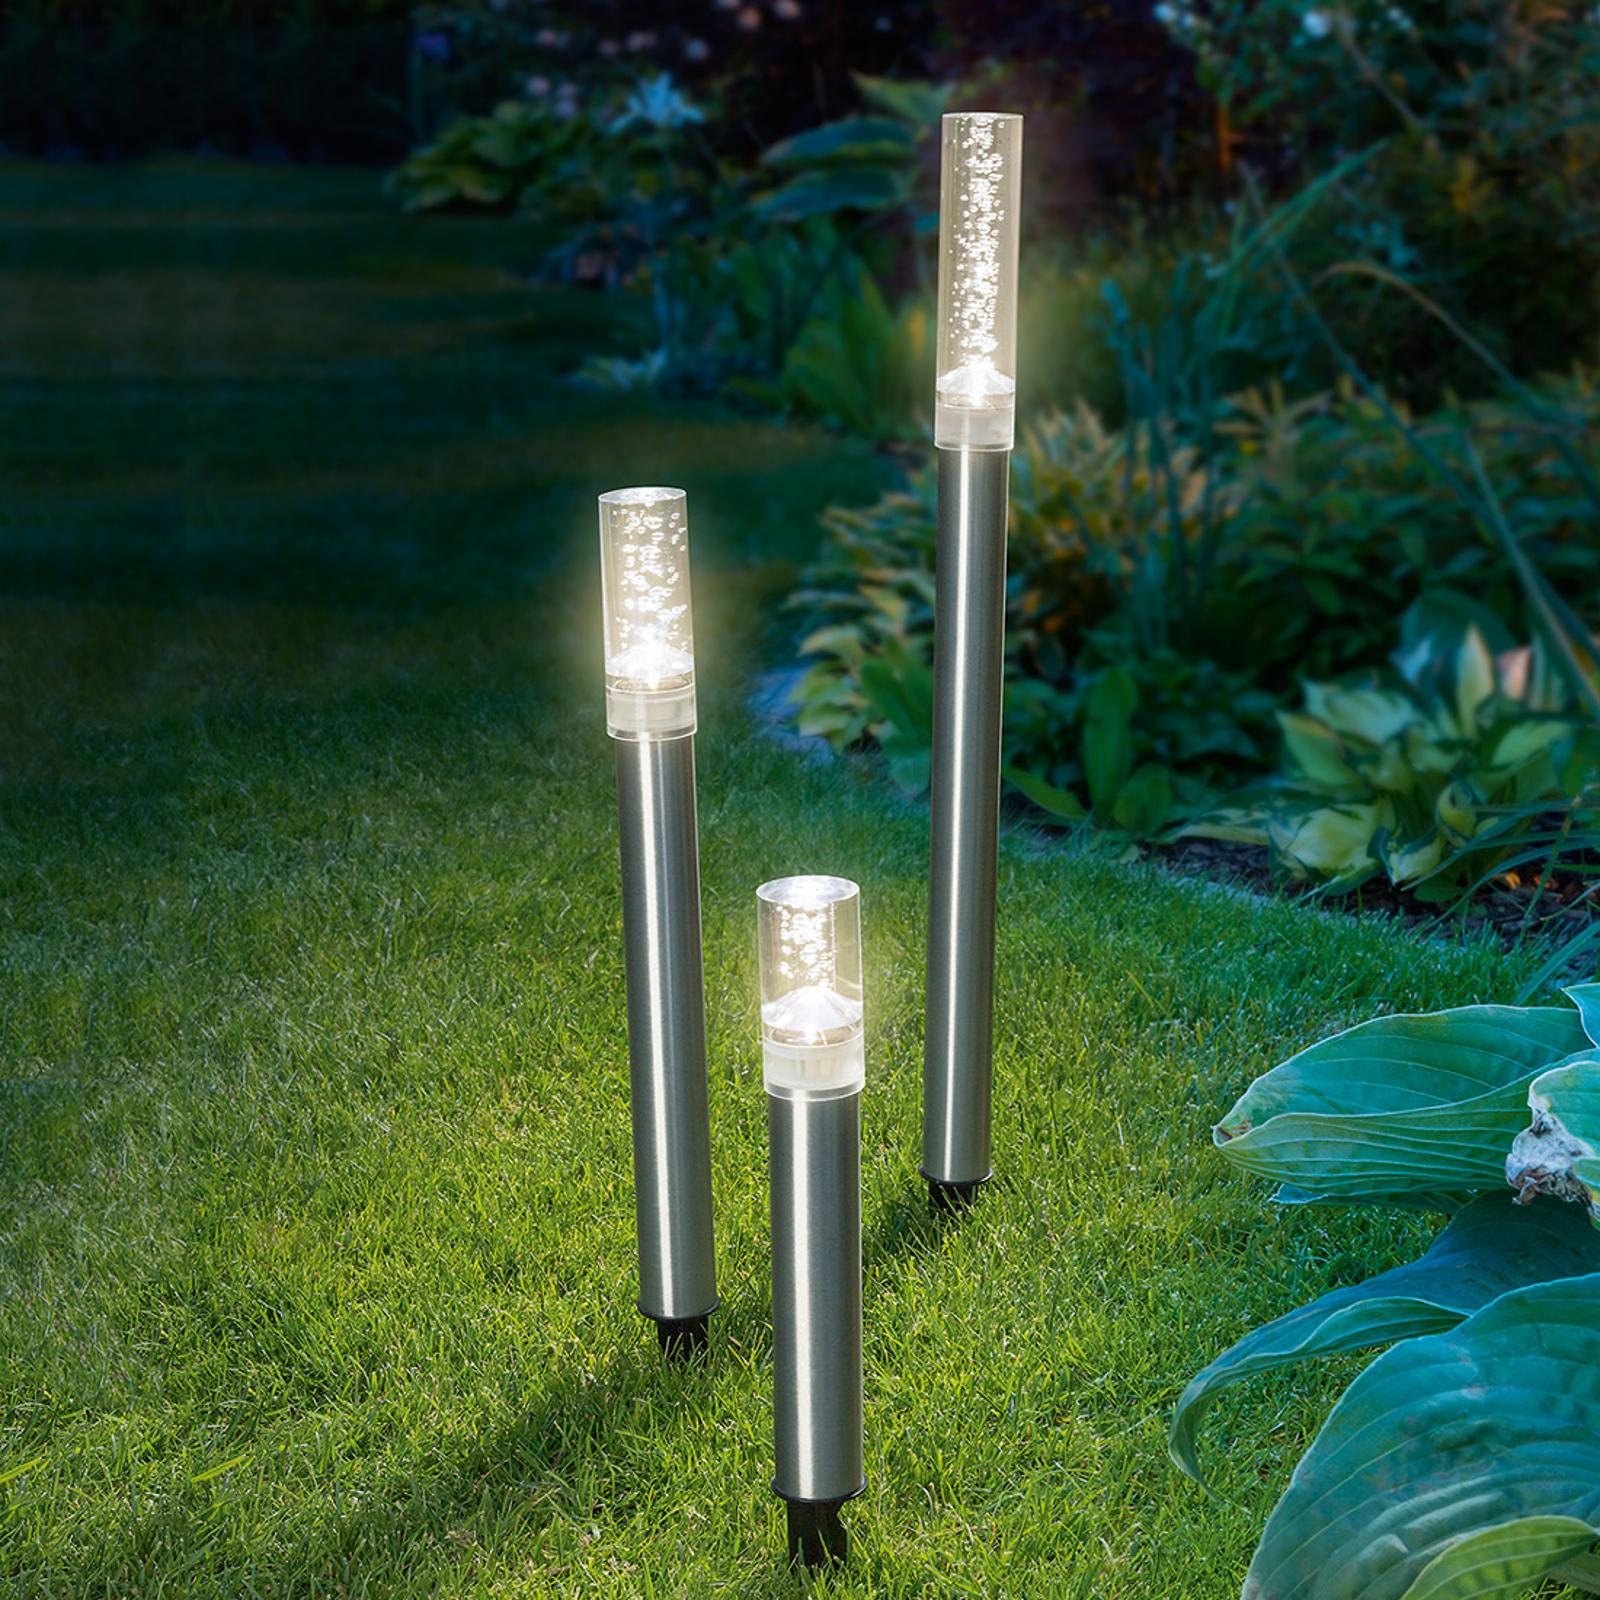 Aste luminose solari a LED Trio Sticks, set da 3